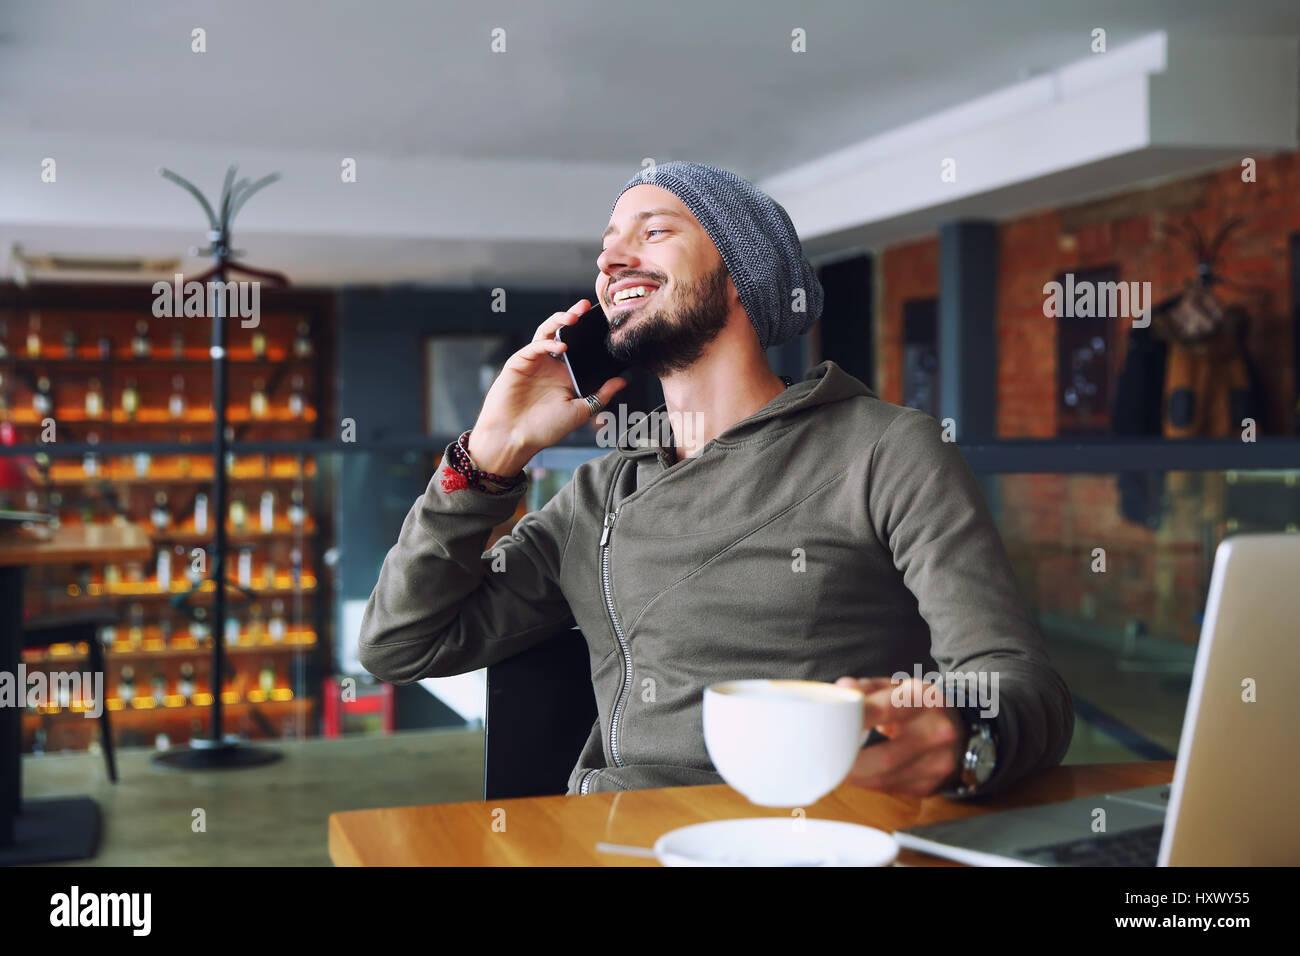 Junge hübsche Hipster Mann mit Bart sitzen im Café Handy sprechen, Tasse Kaffee halten und Lächeln. Stockbild